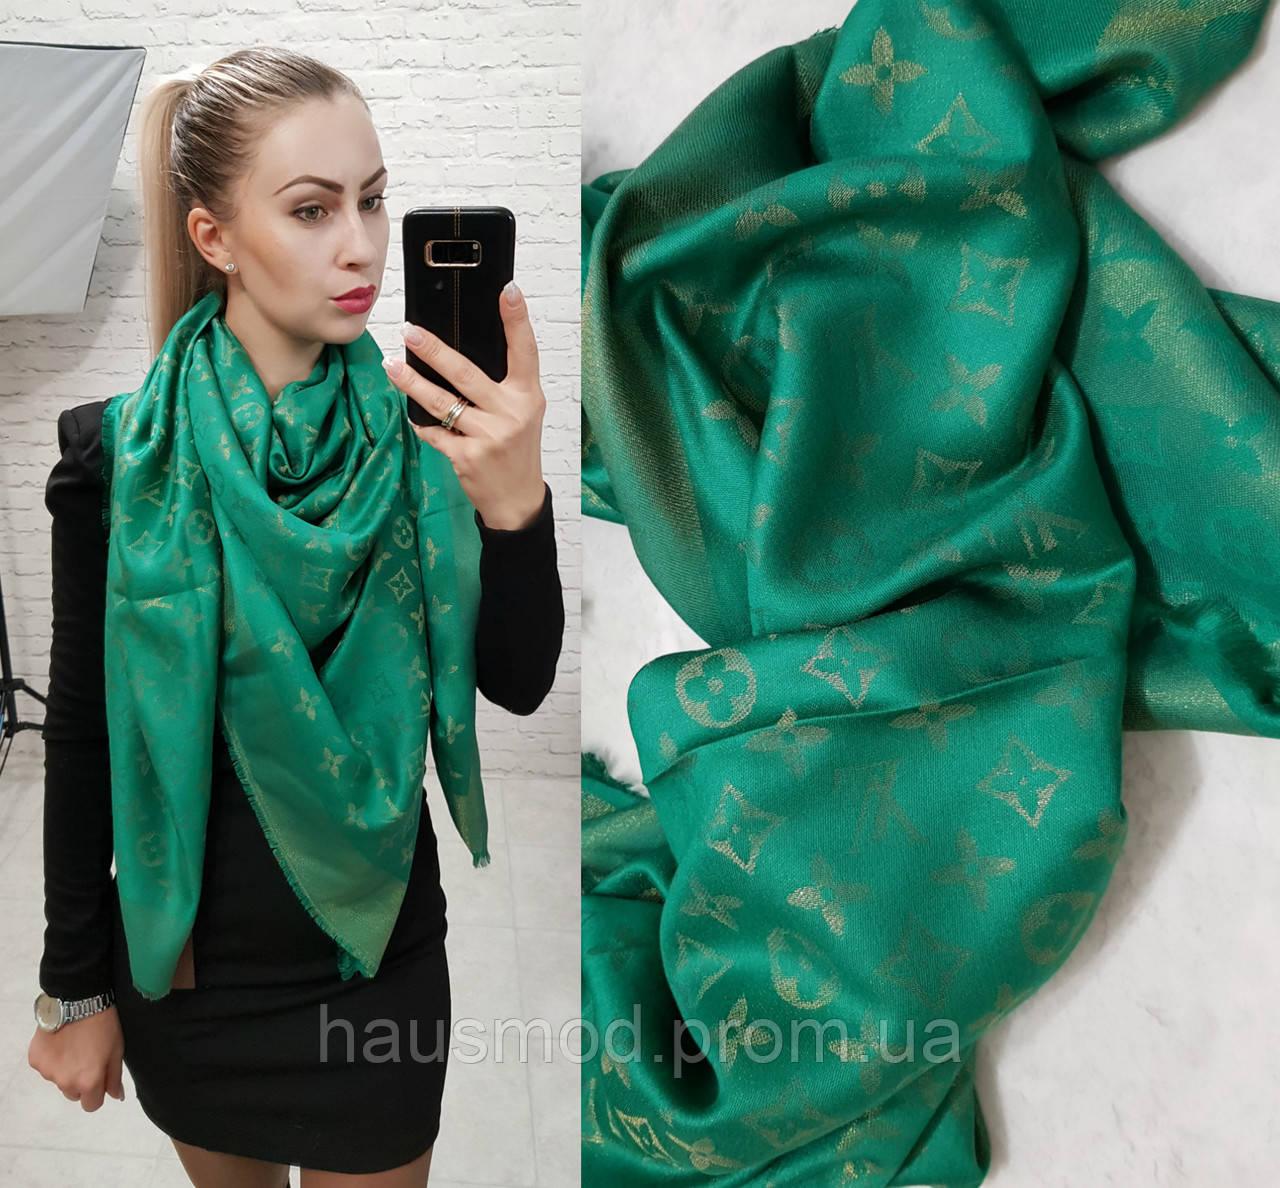 Люрексовый палантин-шаль реплика Louis Vuitton темно-зеленый вышит золотой нитью